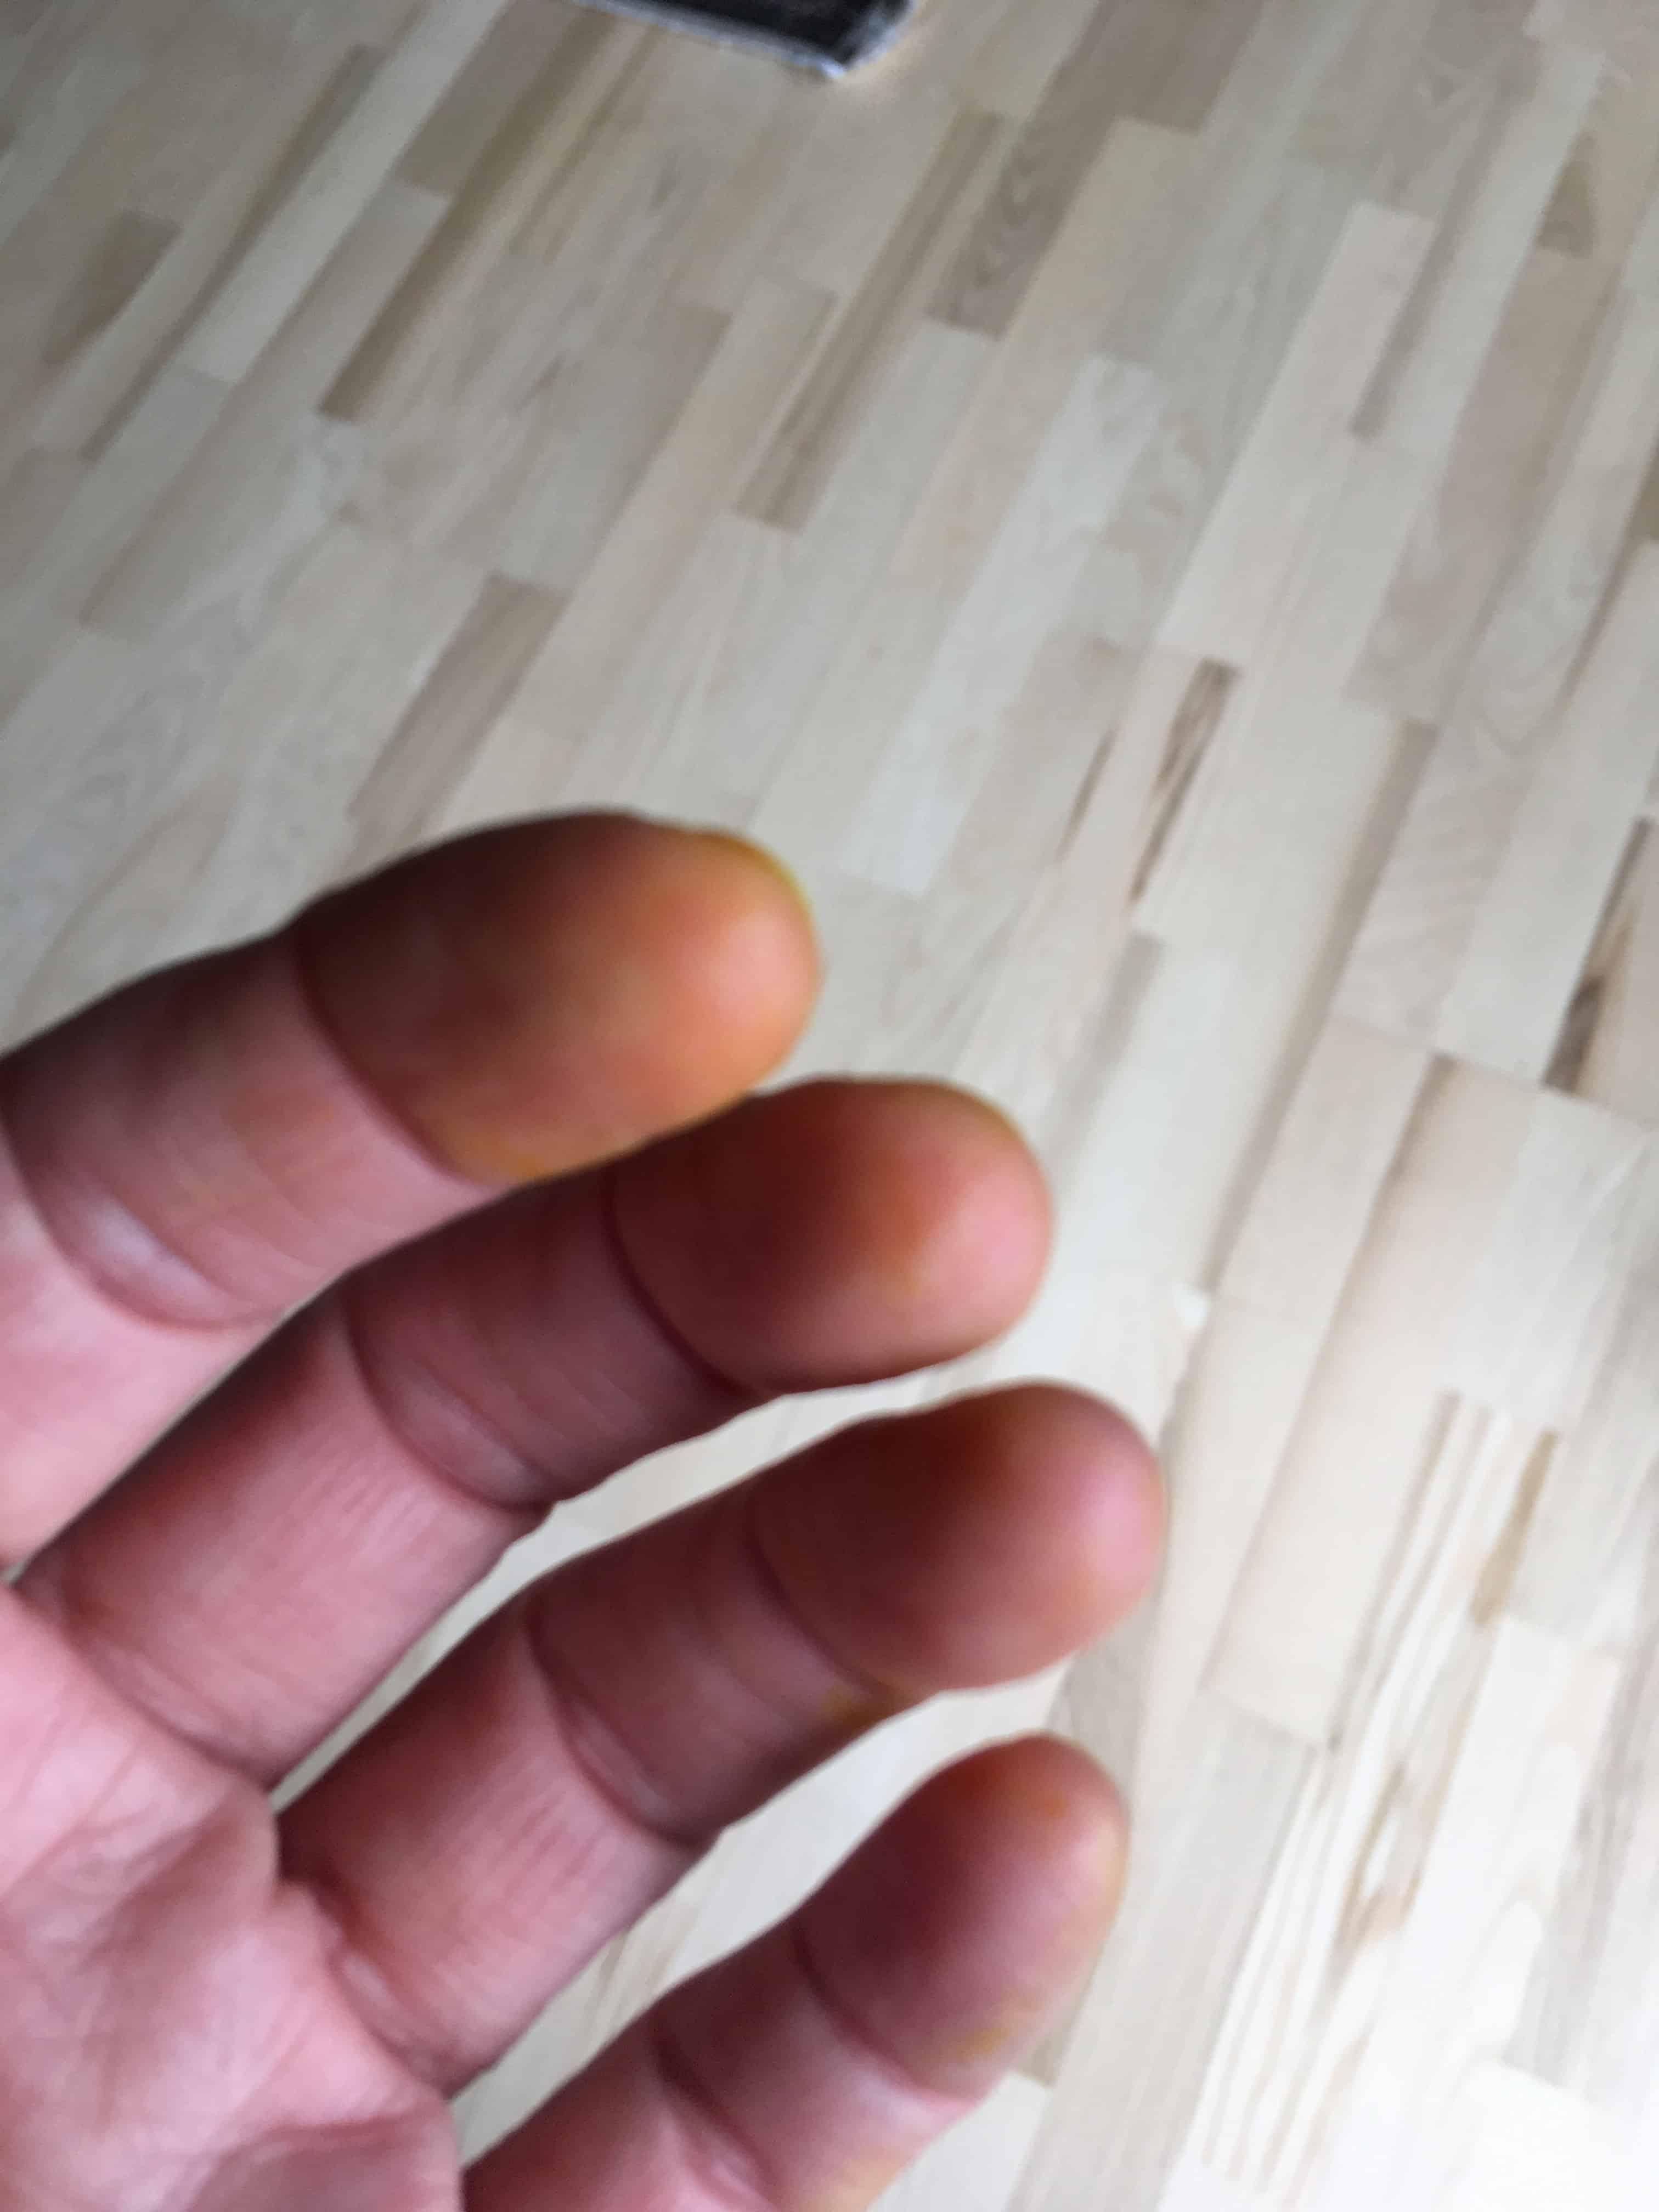 Og et lille tip- gurkemeje stykkerne gi'r gule fingre